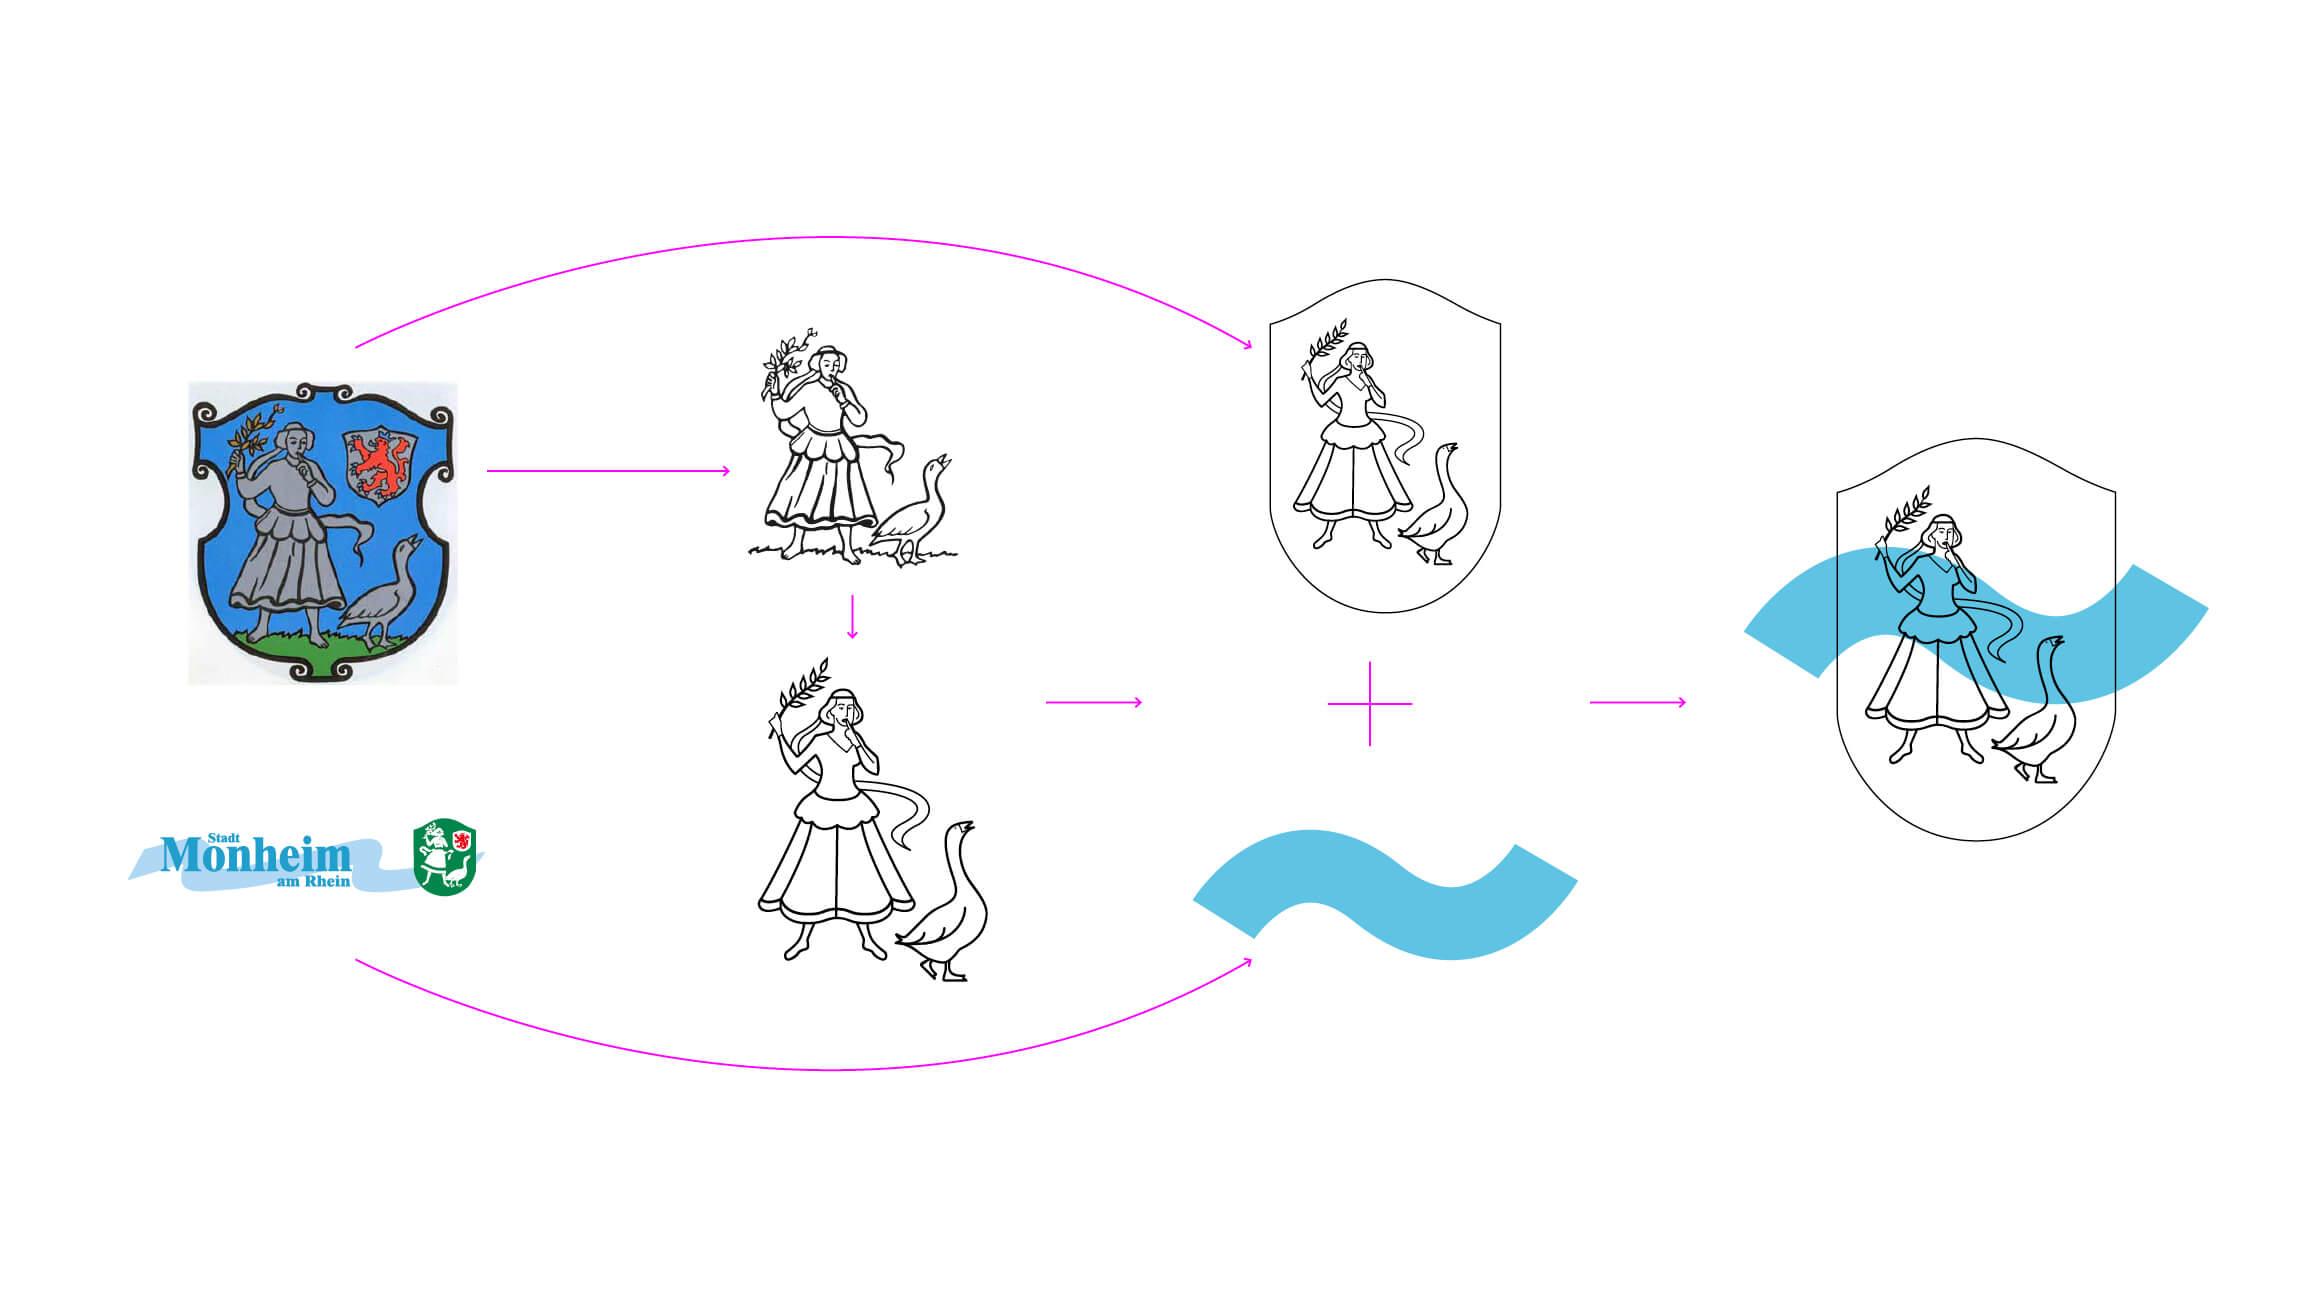 Logoentwicklung für die Stadt Monheim am Rhein Herleitung